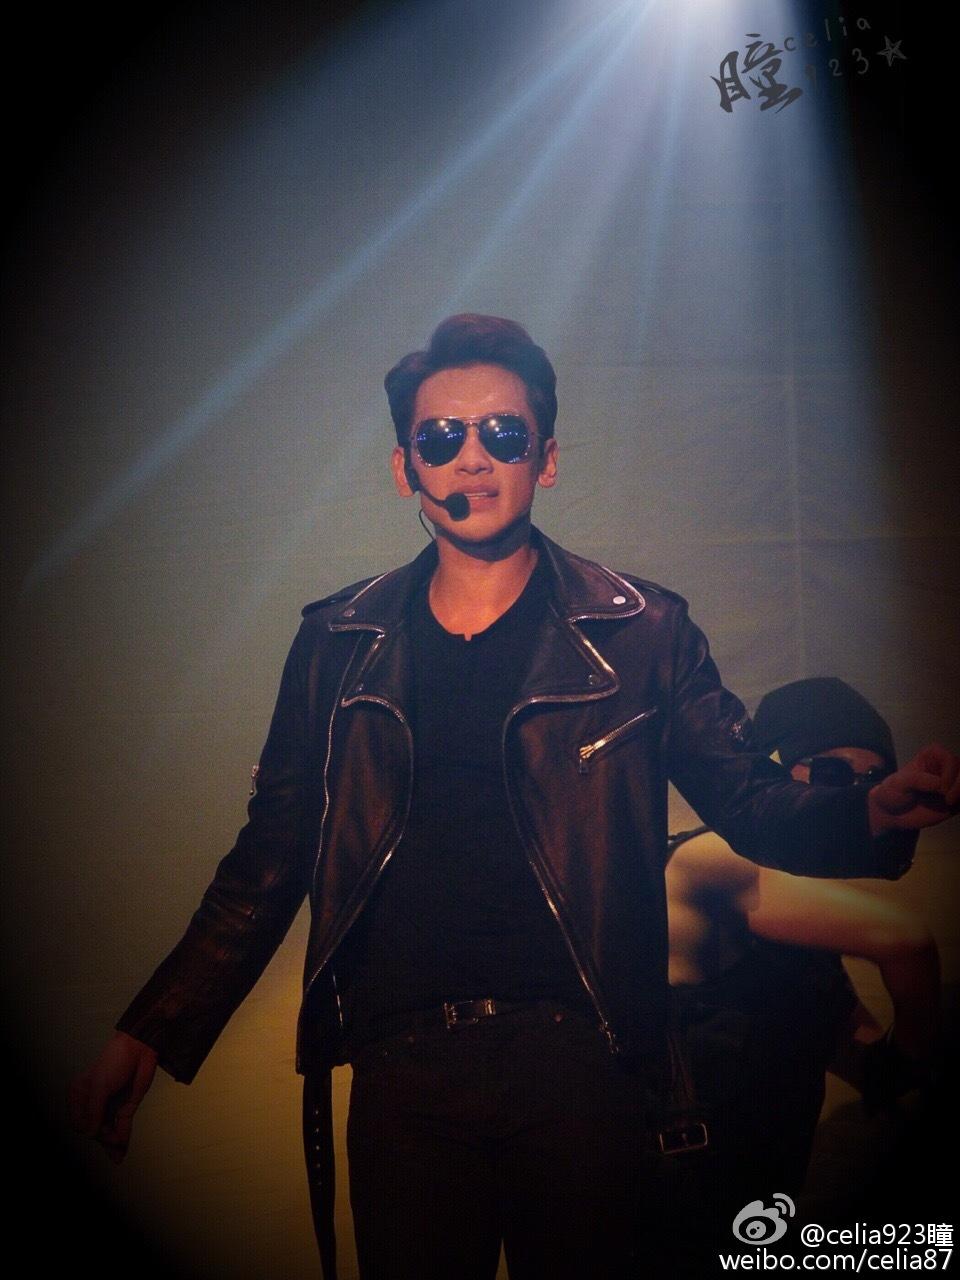 23日The Squall Rain World Tour in Shenyang _c0047605_82978.jpg